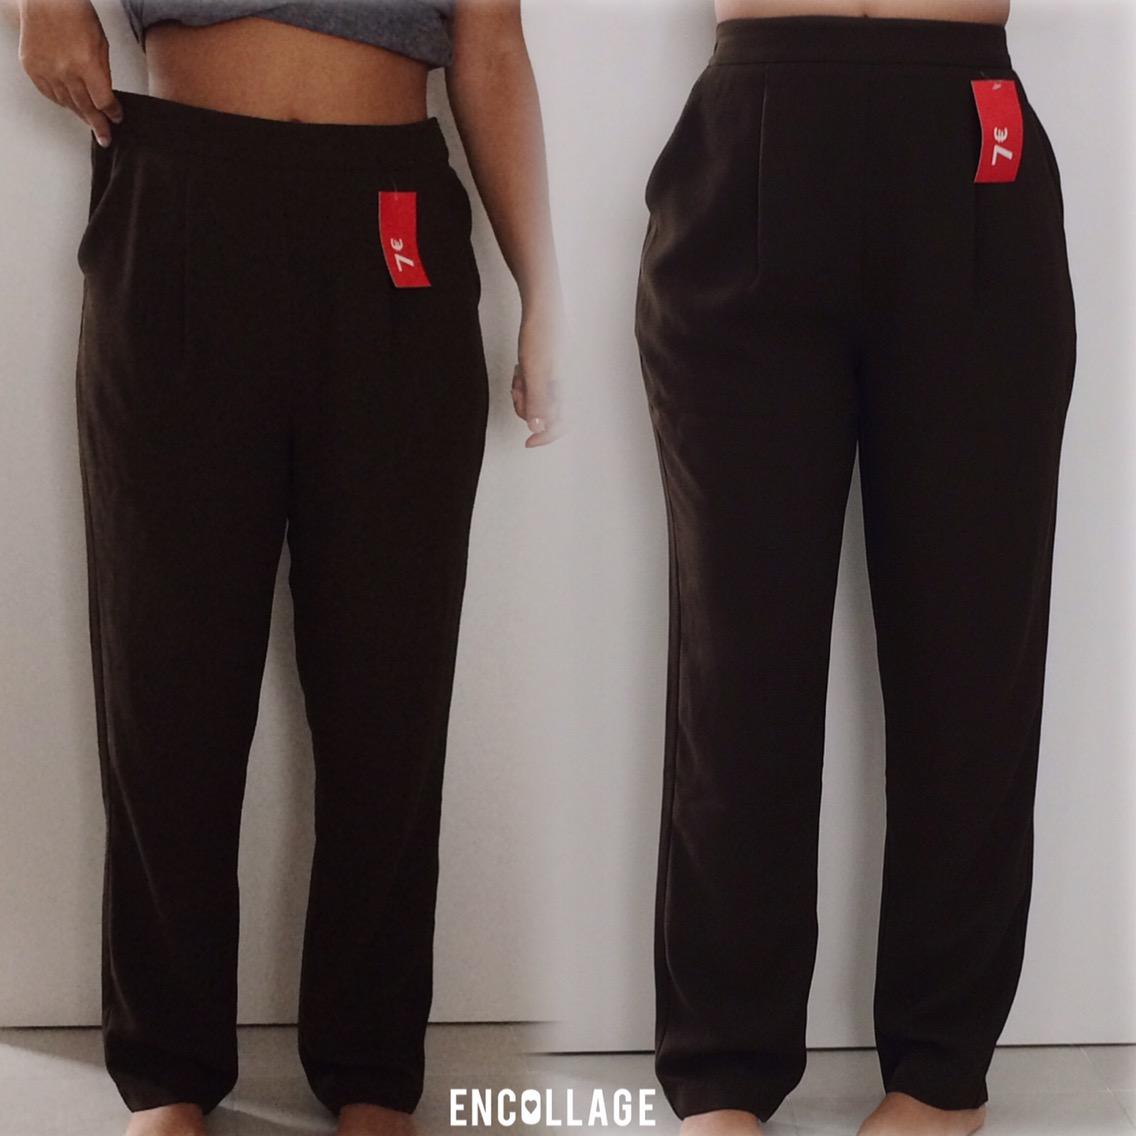 Dos Tips Faciles Y Rapidos Para Arreglar Ajustar Pantalones En La Cintura Petite Trendy